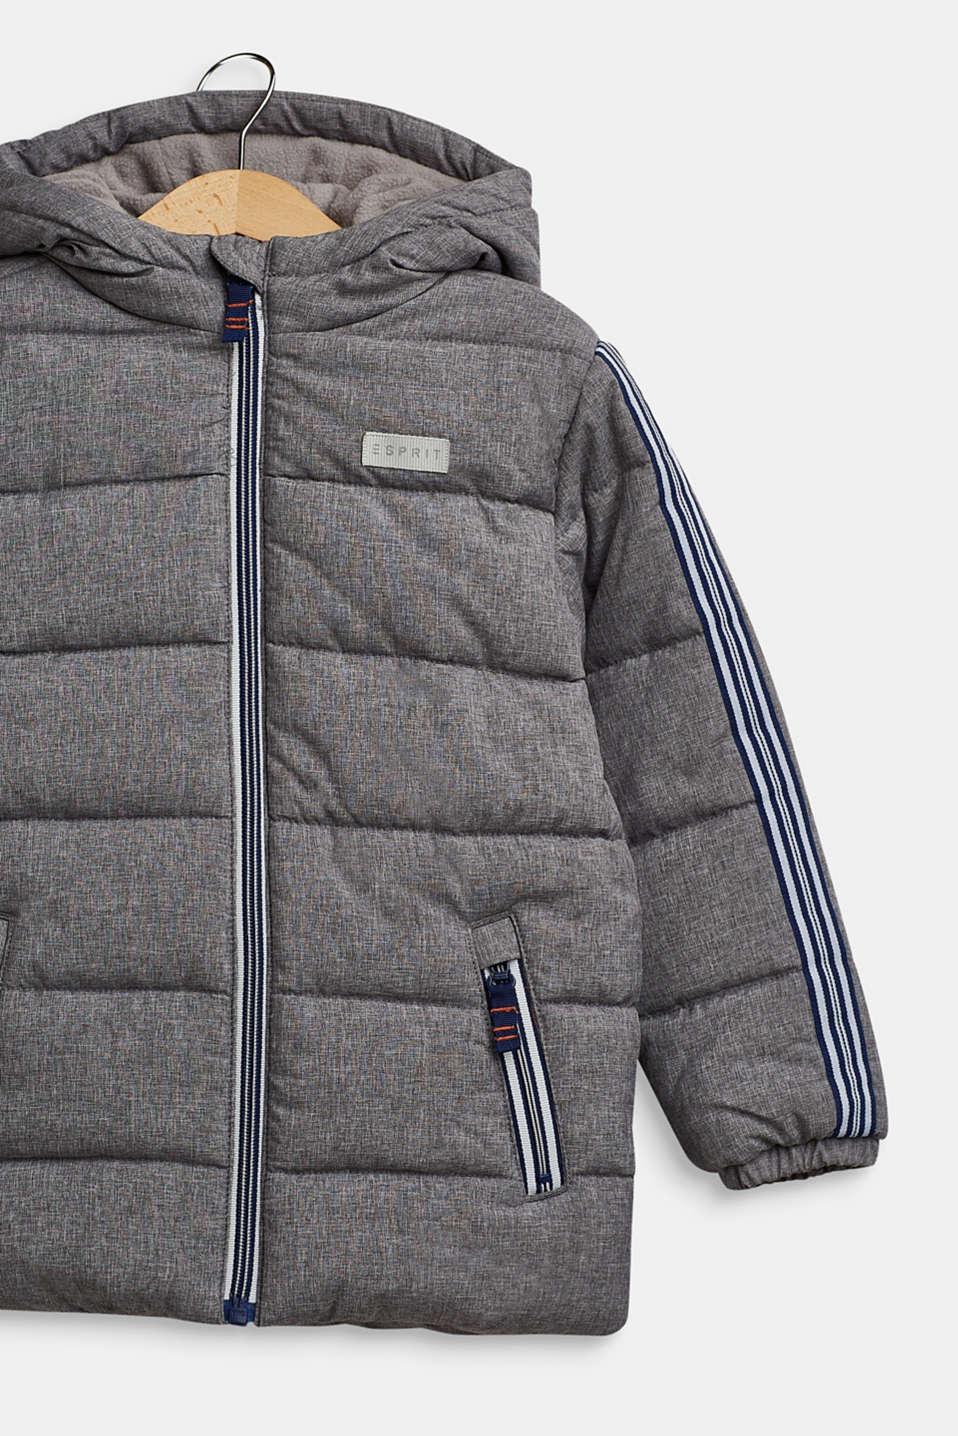 Melange quilted jacket with stripes, MID HEATHER GR, detail image number 2